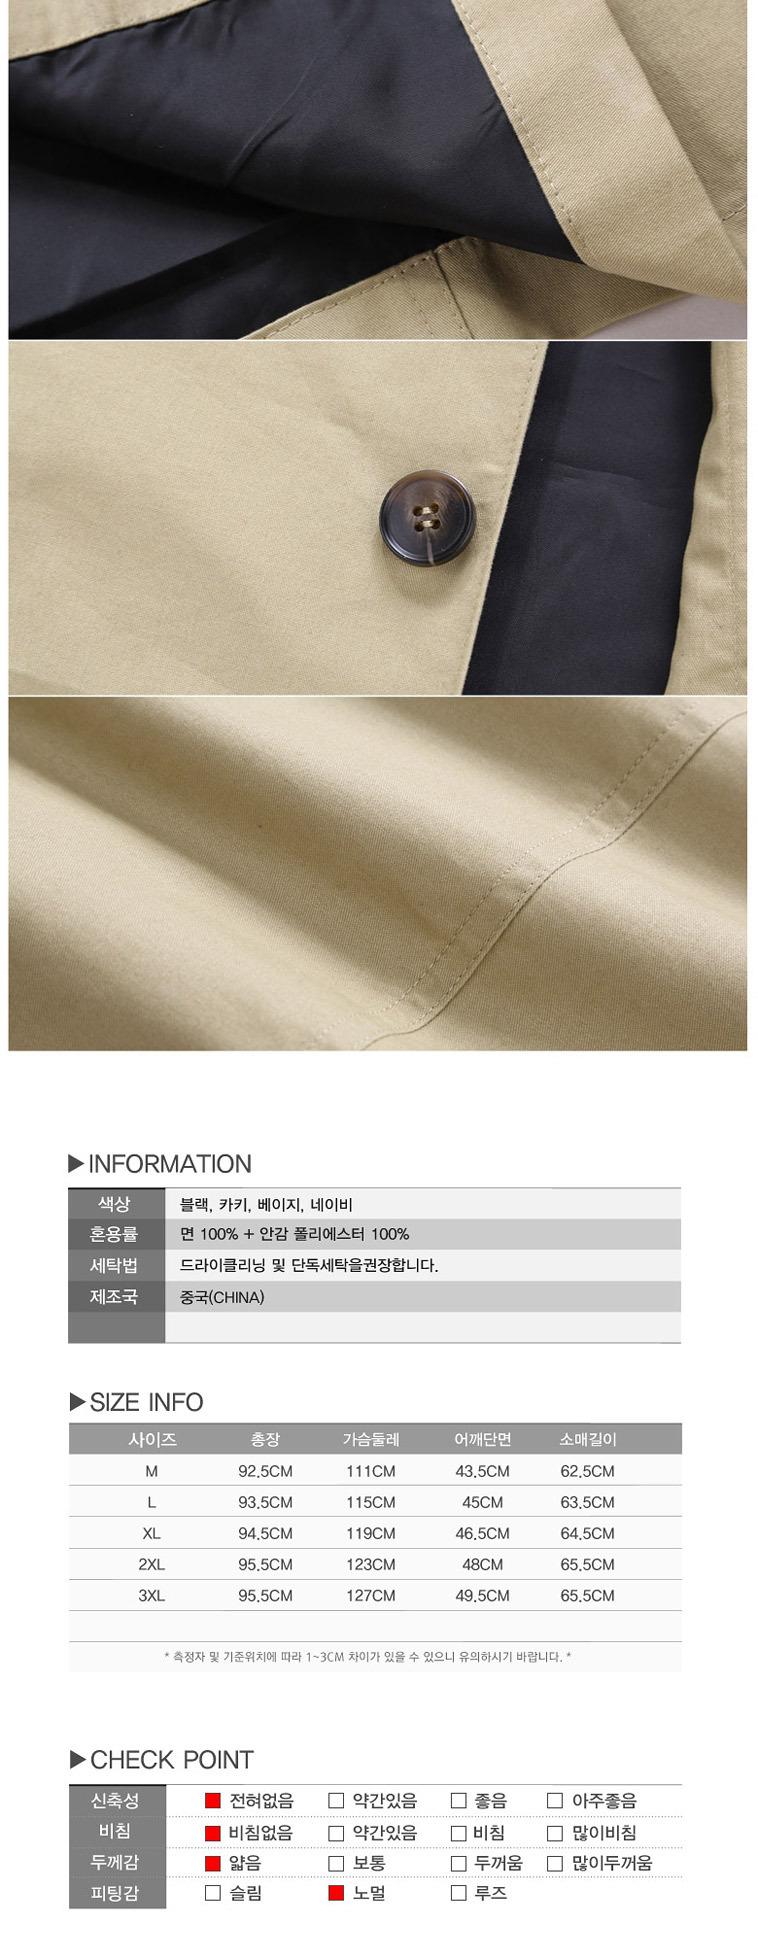 [마이사이즈] 남성 95 트렌치 맥코트 - 상세정보